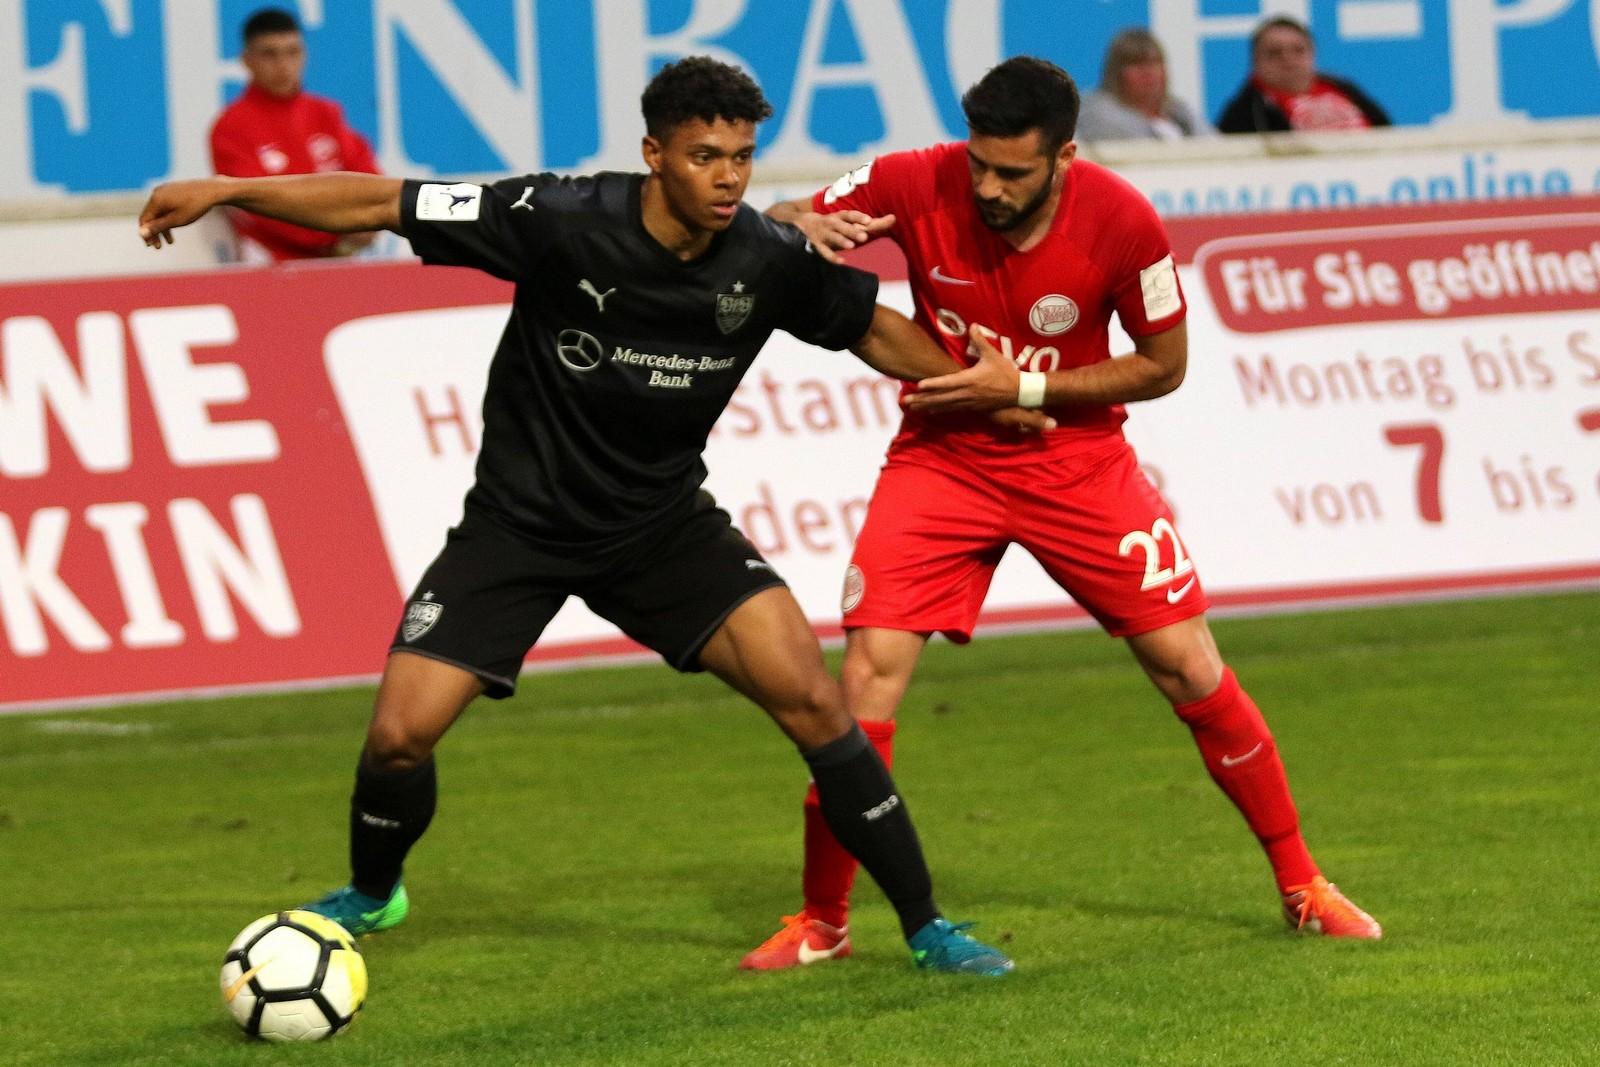 Niklas Sommer verteidigte in 34 Regionalliga-Spielen für die zweite Mannschaft des VfB Stuttgart.